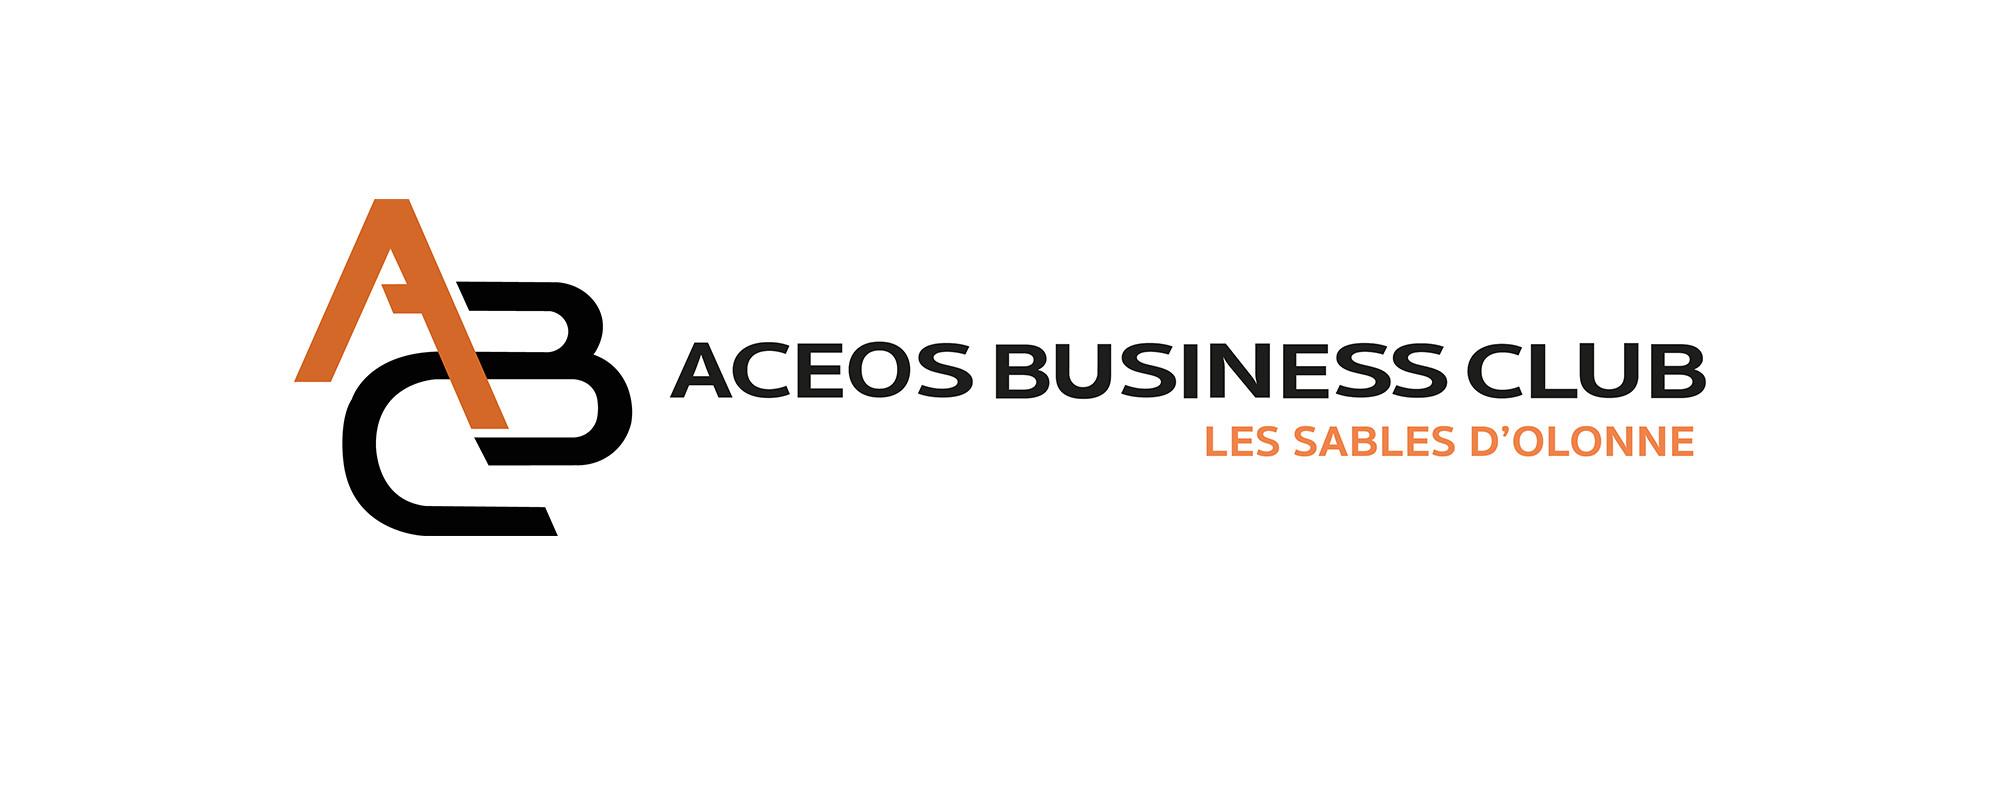 De nouveaux business club sur la Côte de Lumière